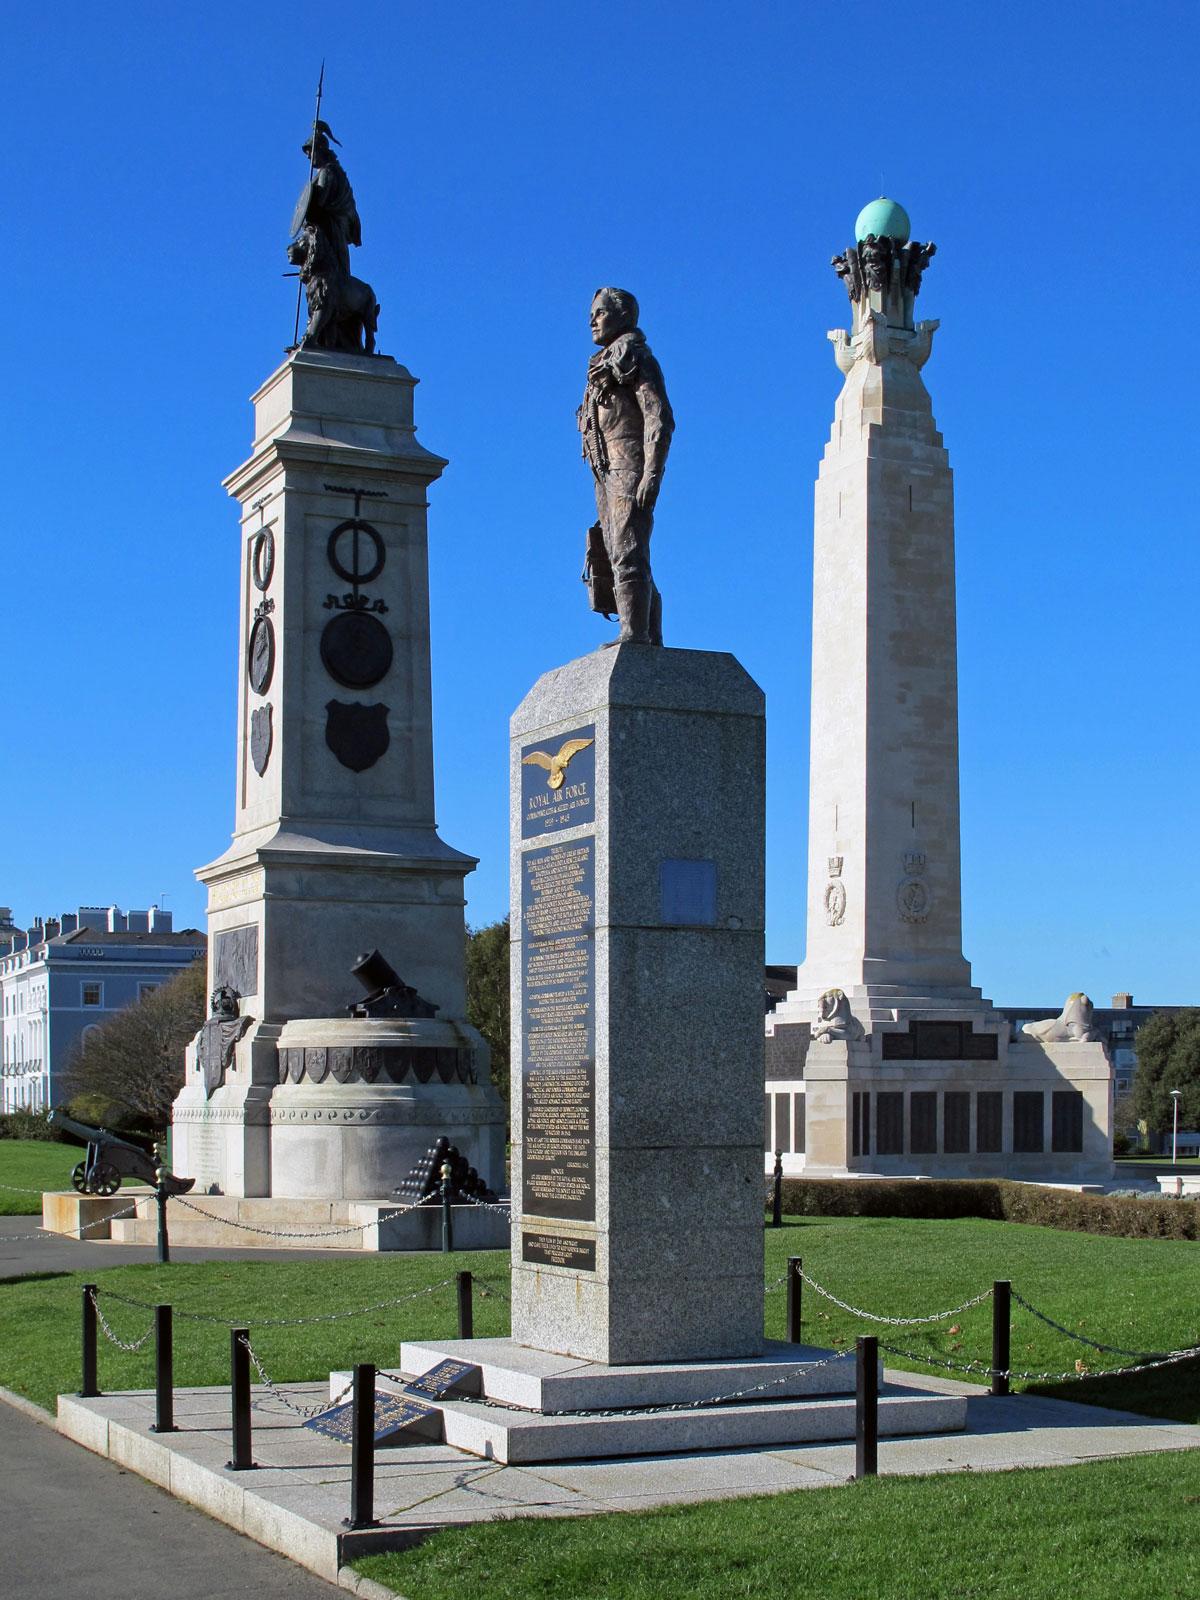 The Armada Memorial, RAF Memorial and Naval Memorial